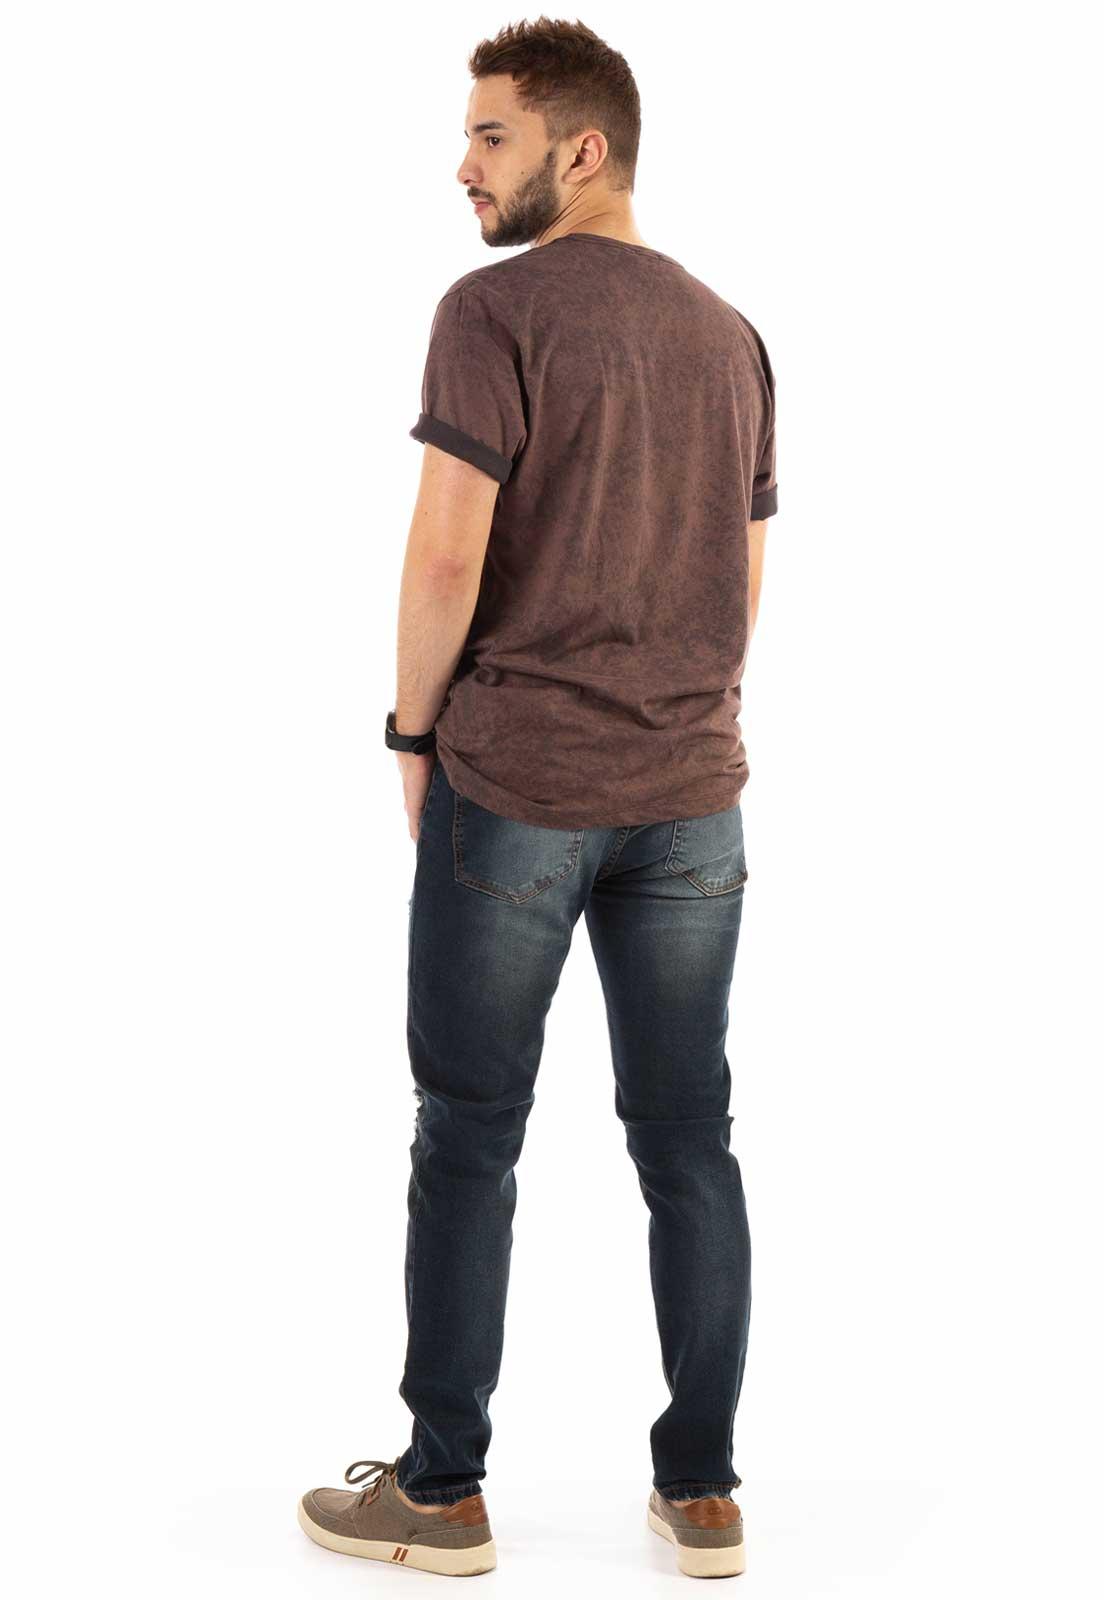 Camiseta Dioxes Estonada com Estampa Marrom